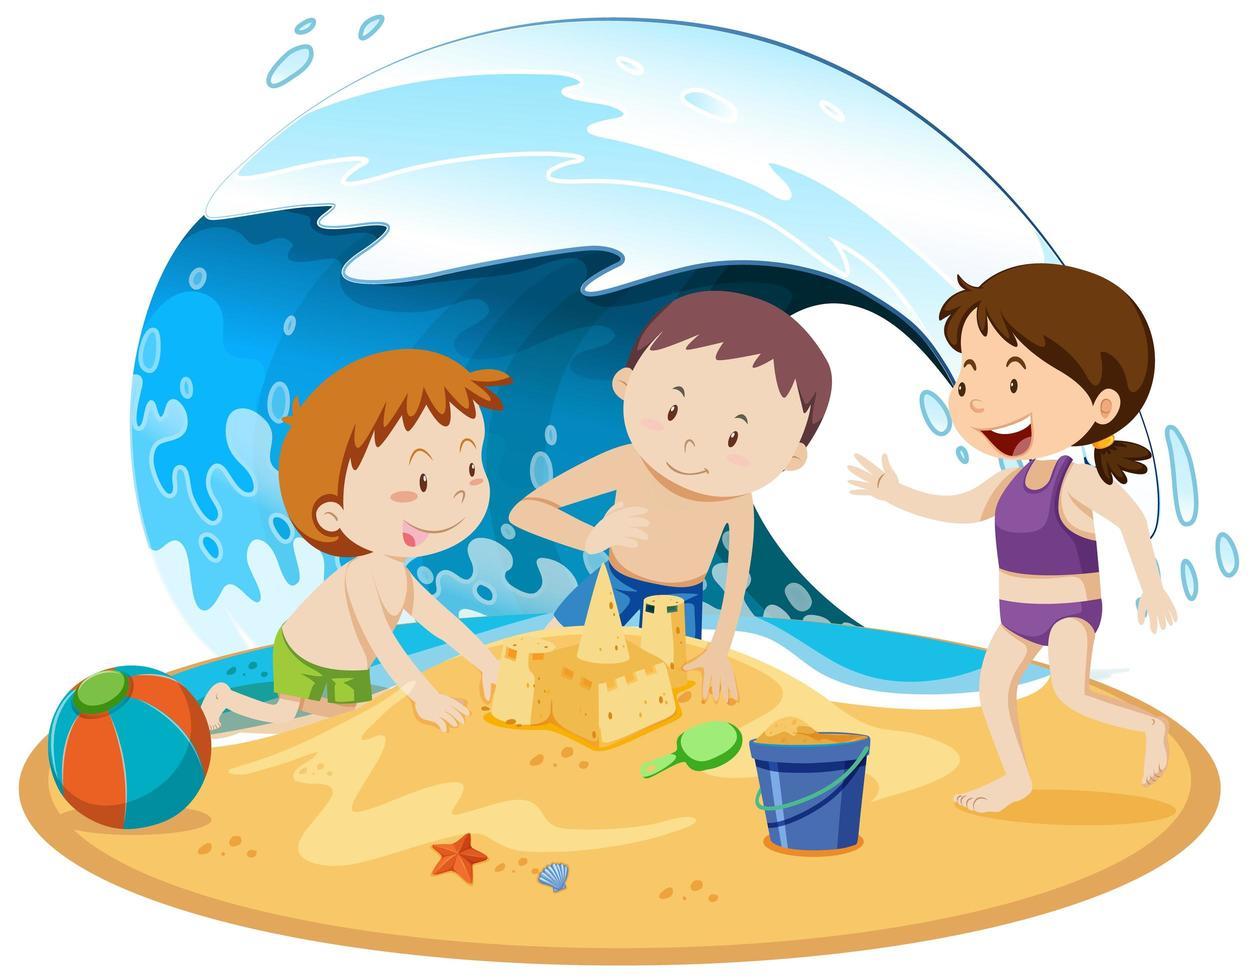 isolierte Menschen am Strand vektor